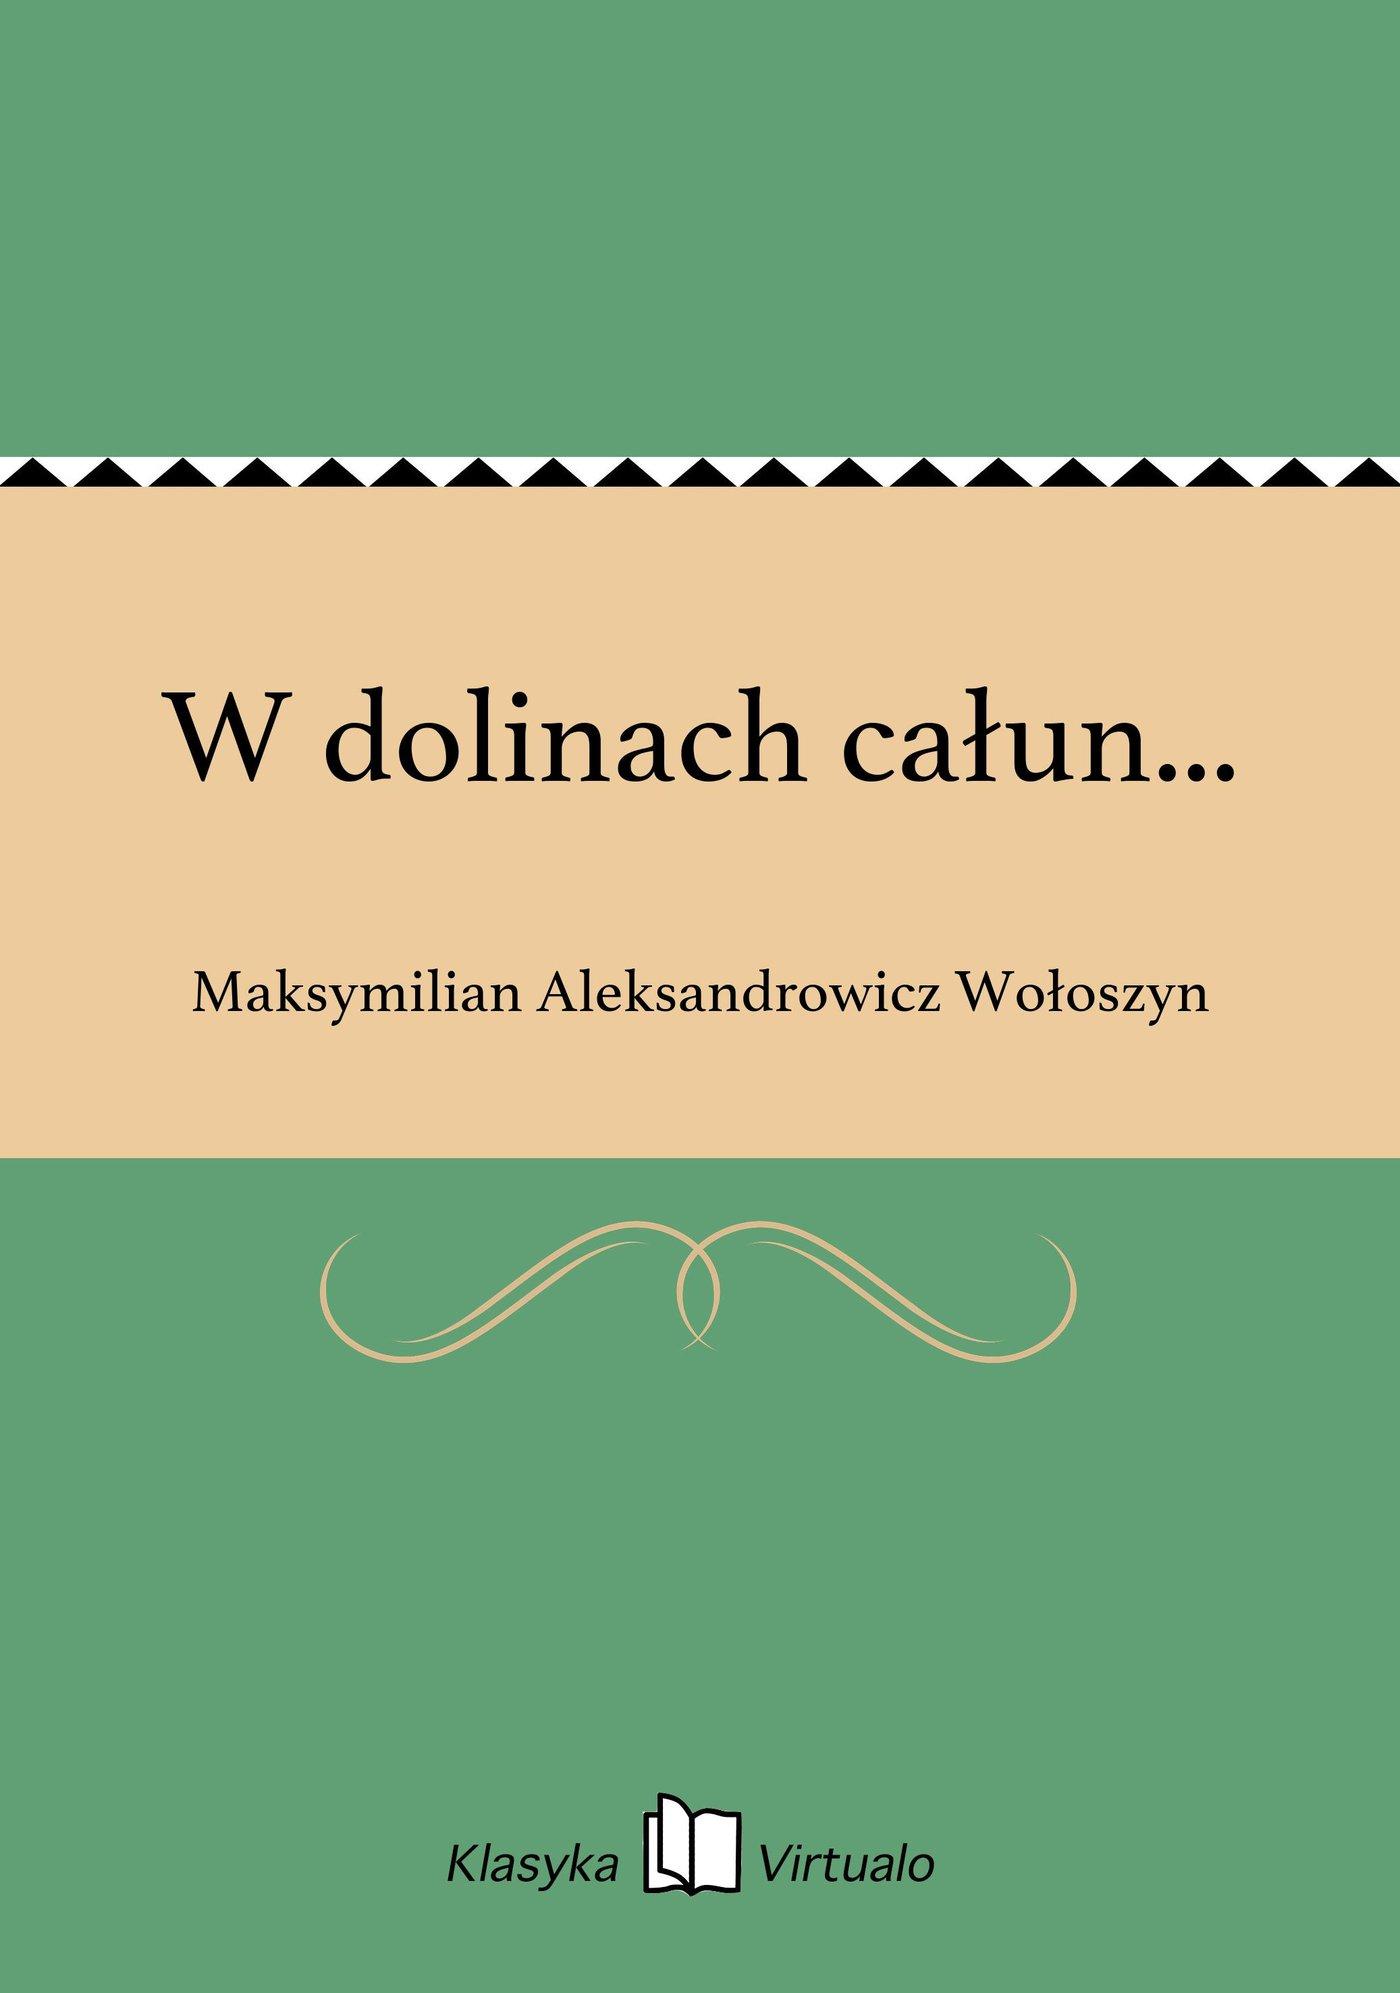 W dolinach całun... - Ebook (Książka na Kindle) do pobrania w formacie MOBI